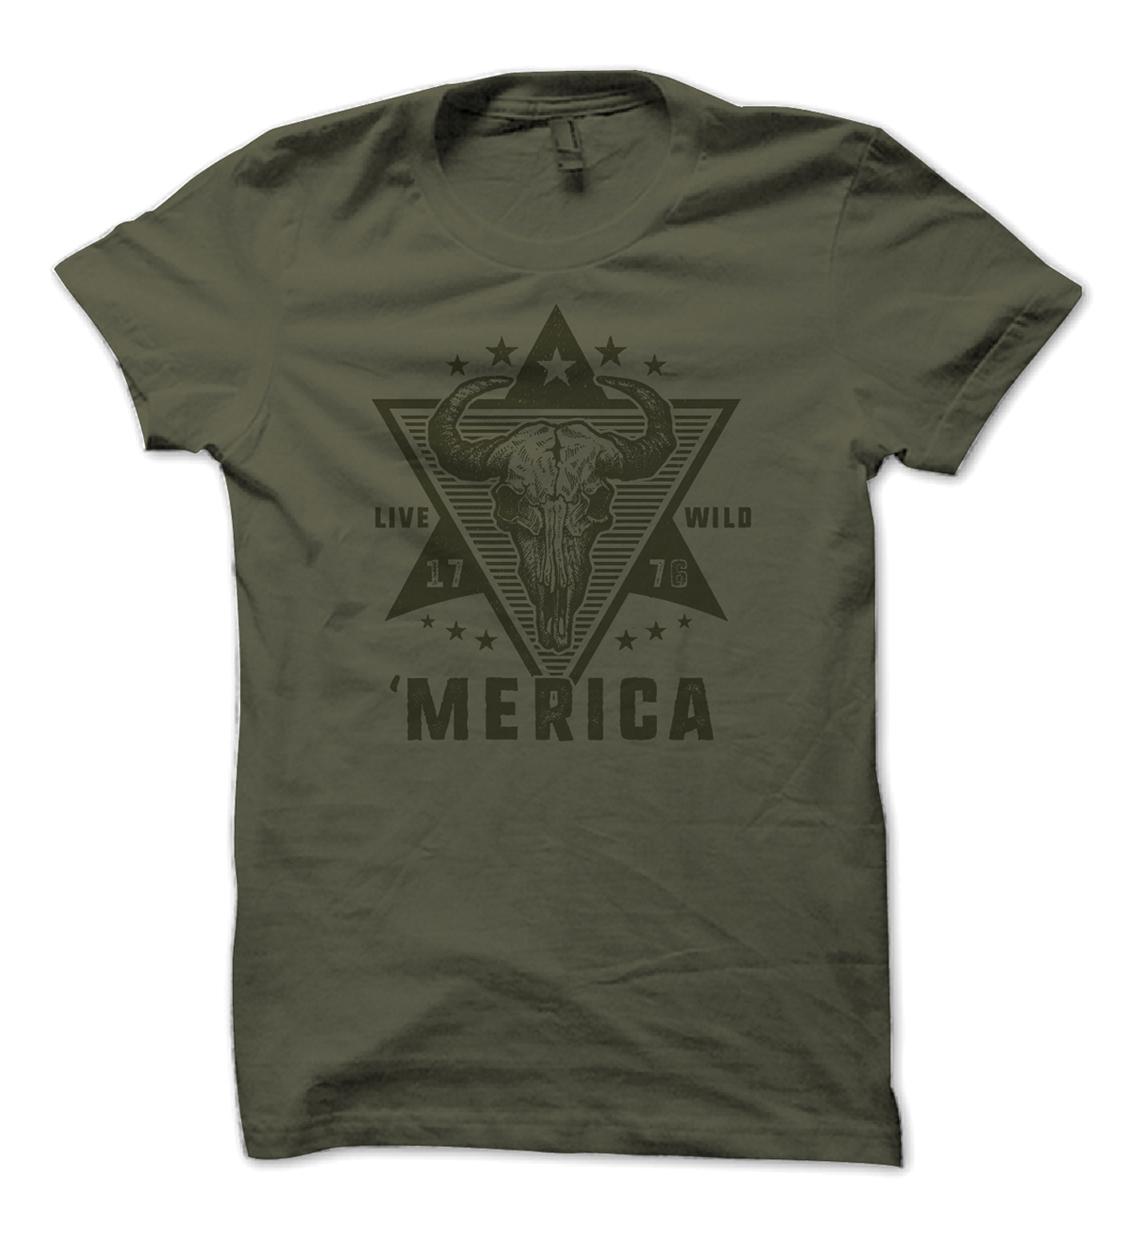 Puruse The Wild Merica Hunting Shirt Design